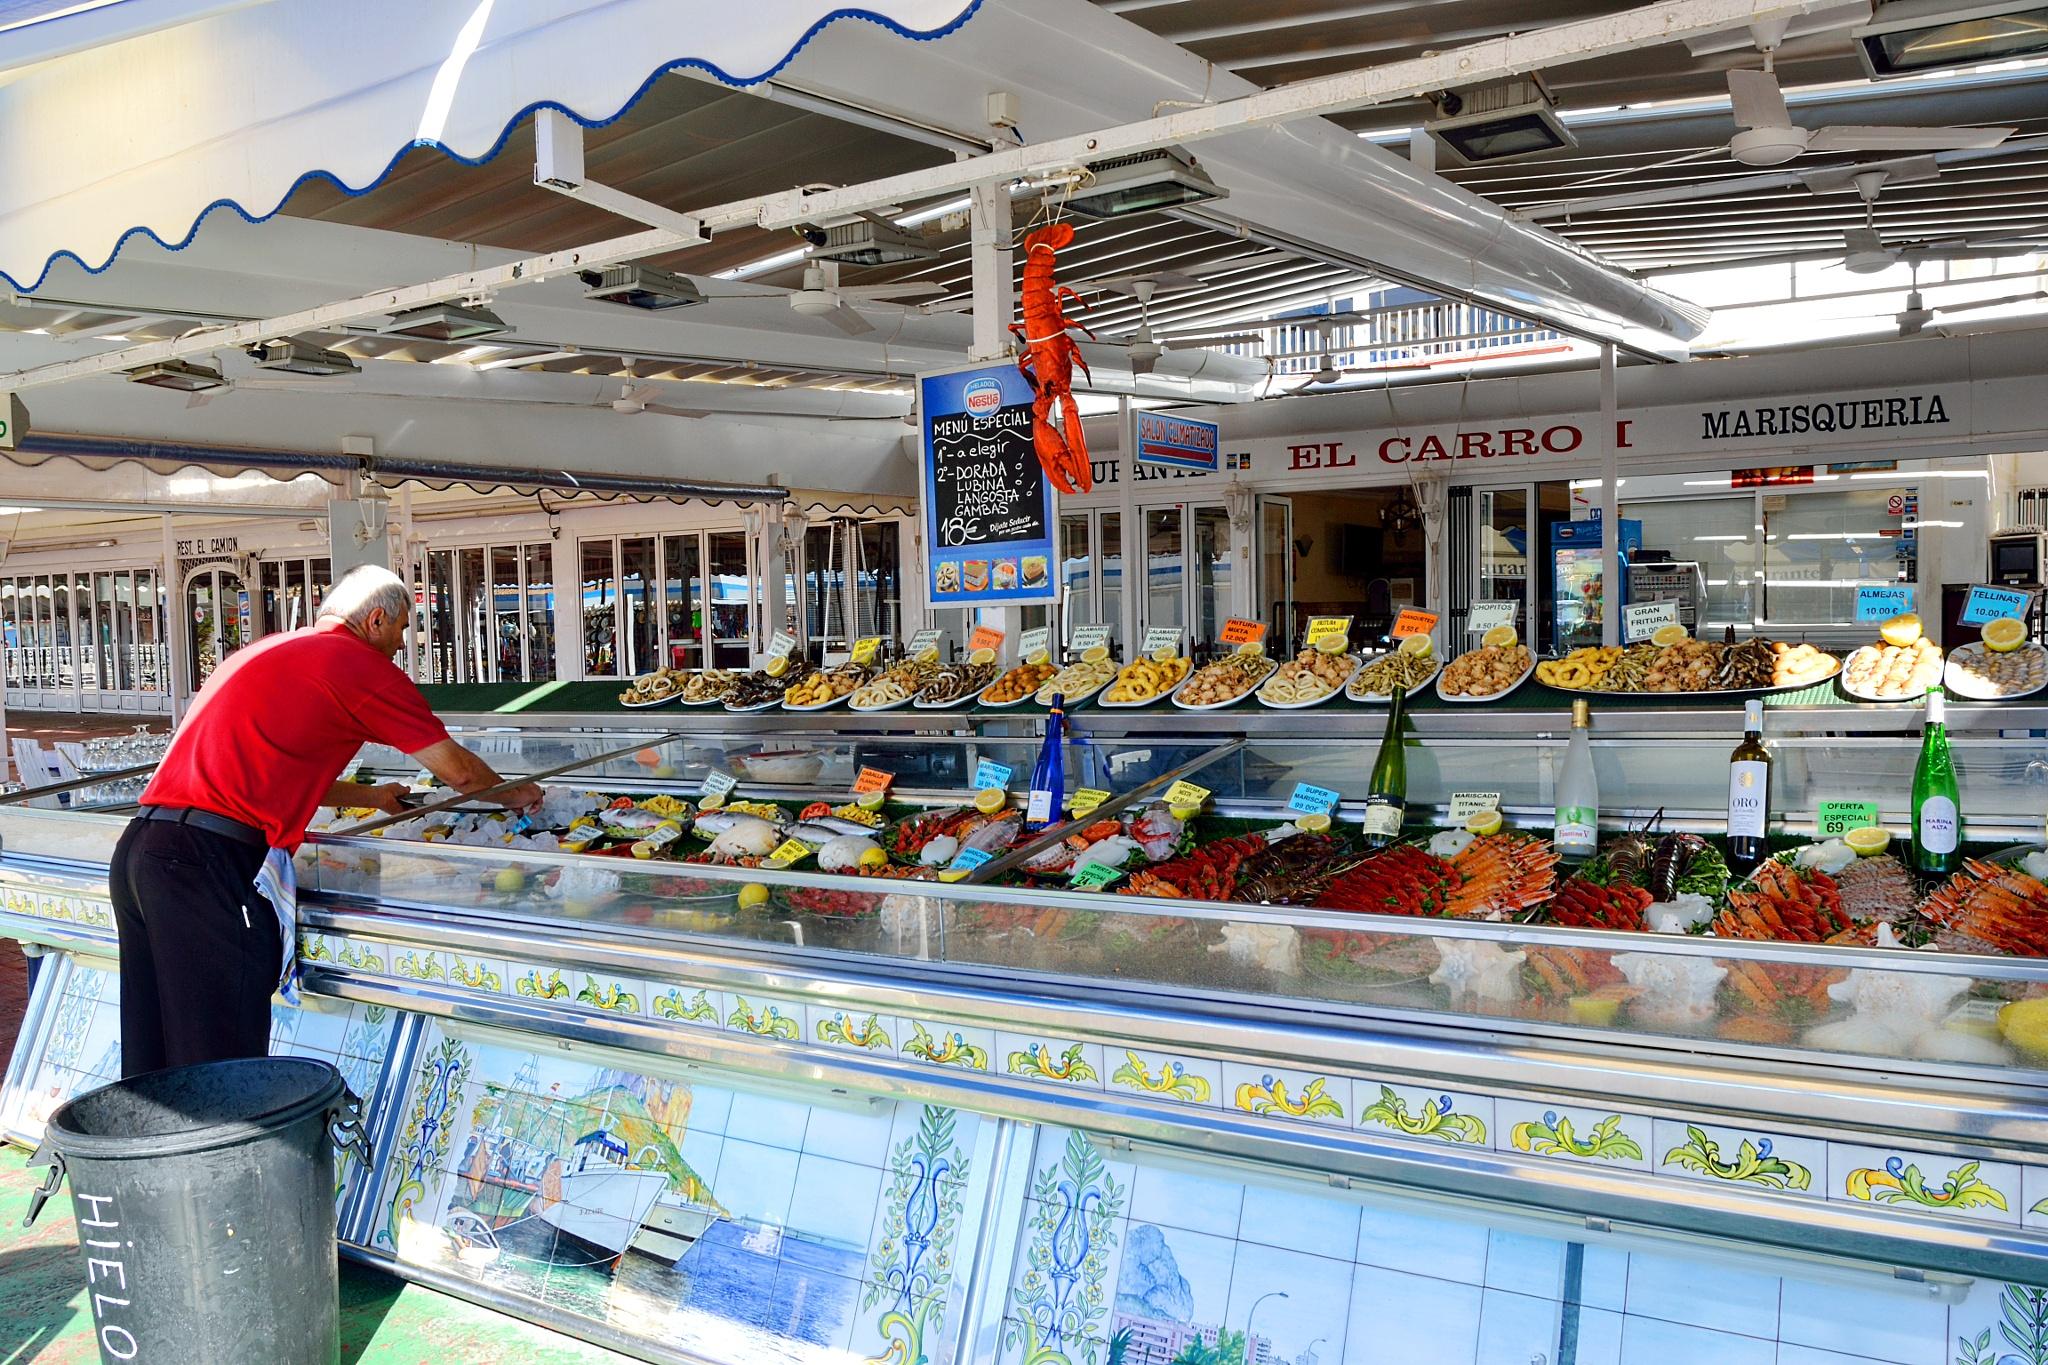 Pescados y Mariscos - Fish and Seafood by cjcastromm